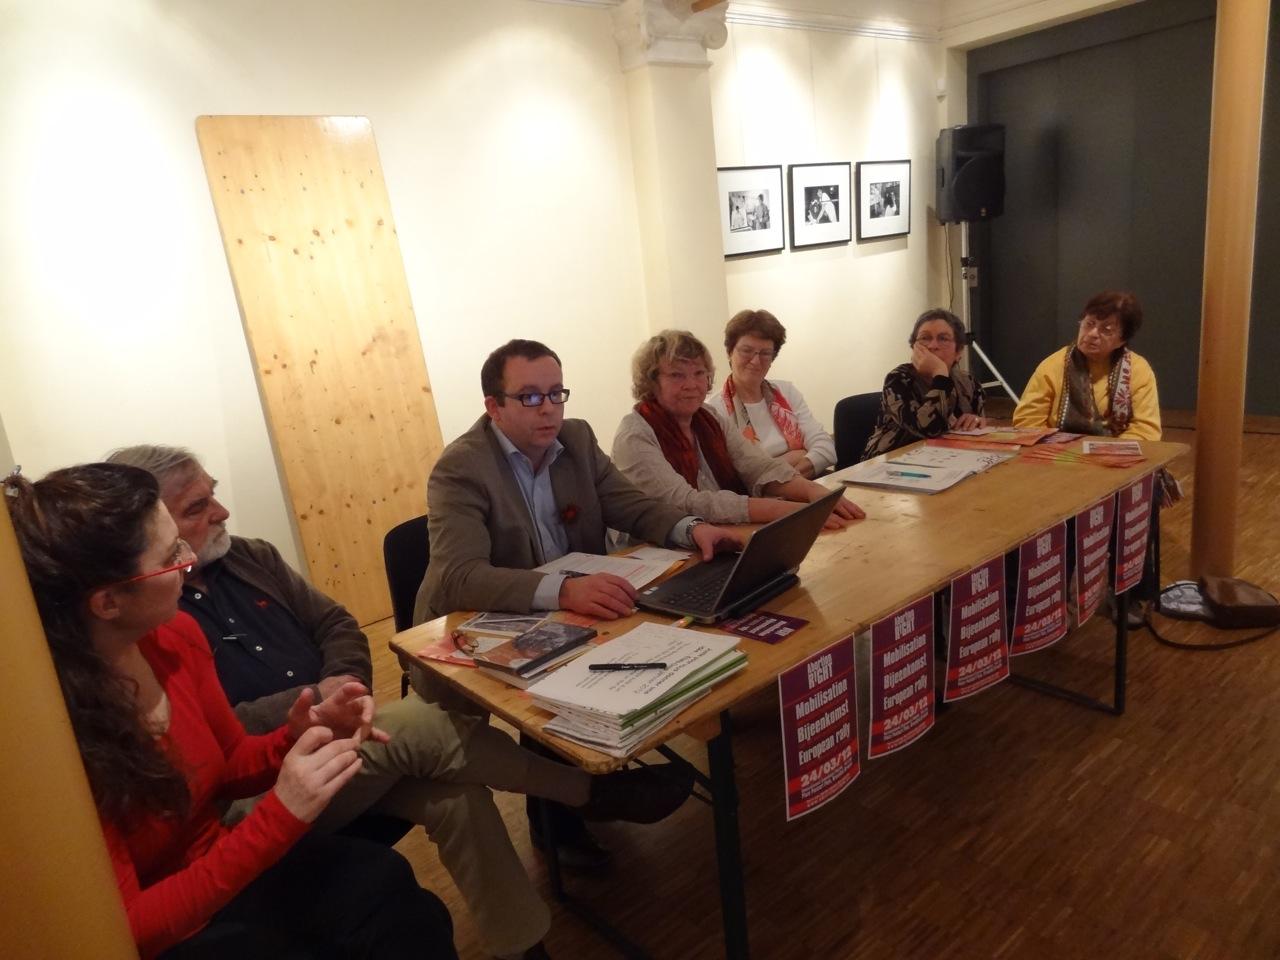 Sylvie Lausberg, Marc Abramovicz, le président du CPAS, l'échevine Anne vanesse, Françoise Dupuis, présidente du parlement bruxellois, Fanny Filosof et Thérese Liebmann